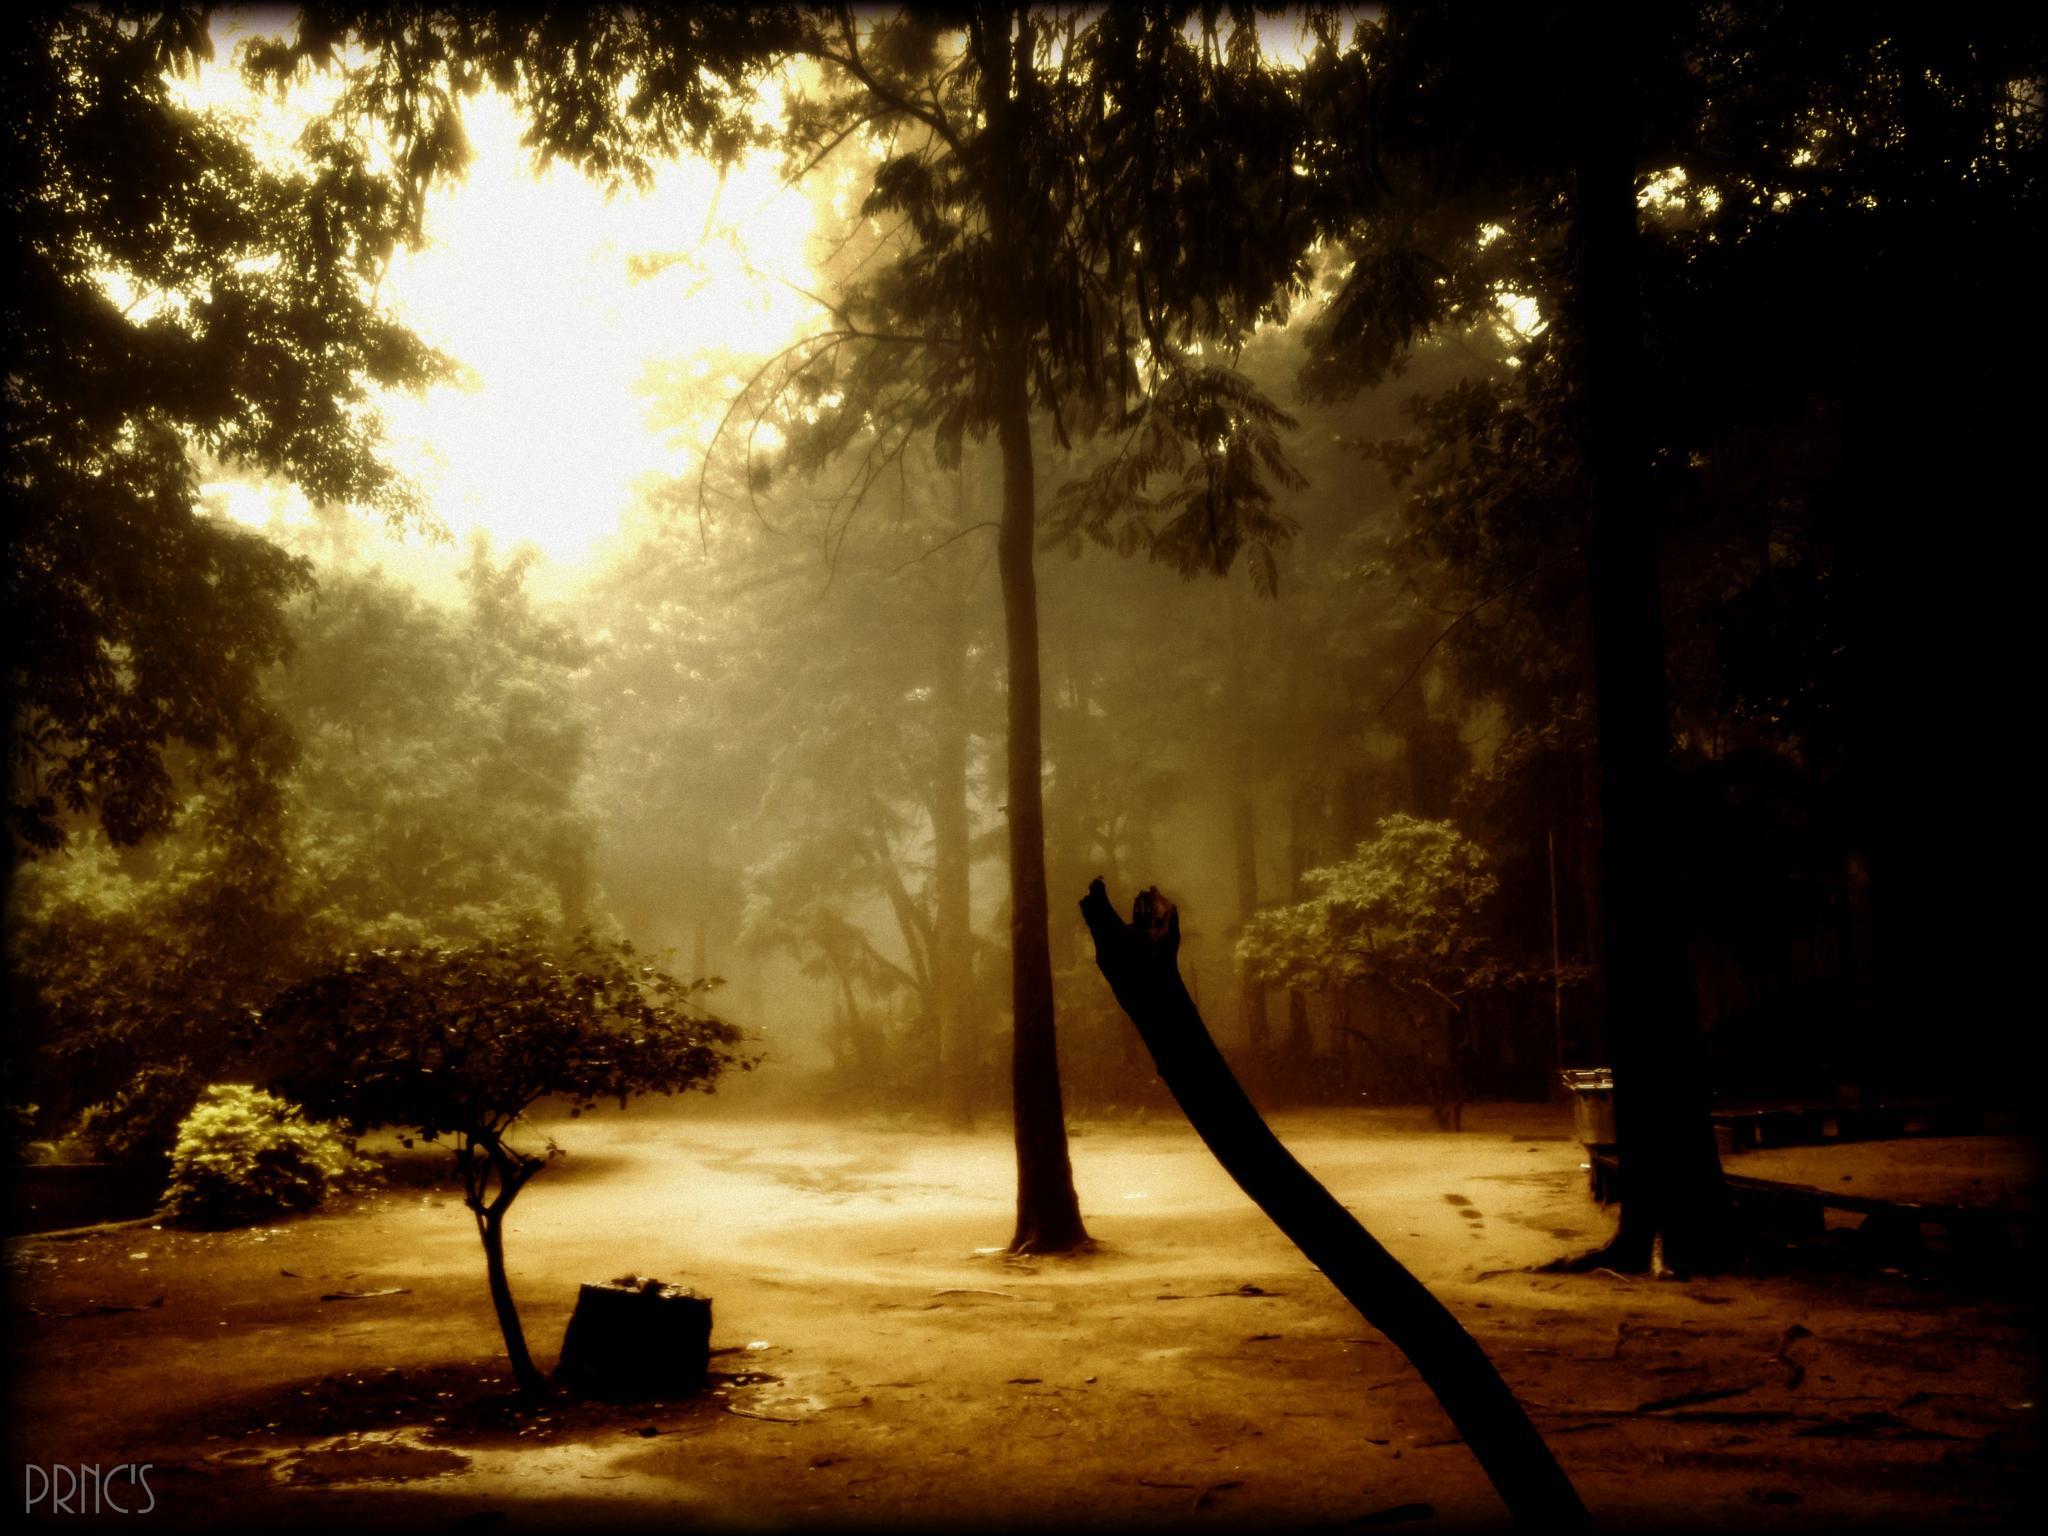 Cloudy by pavan.prnc